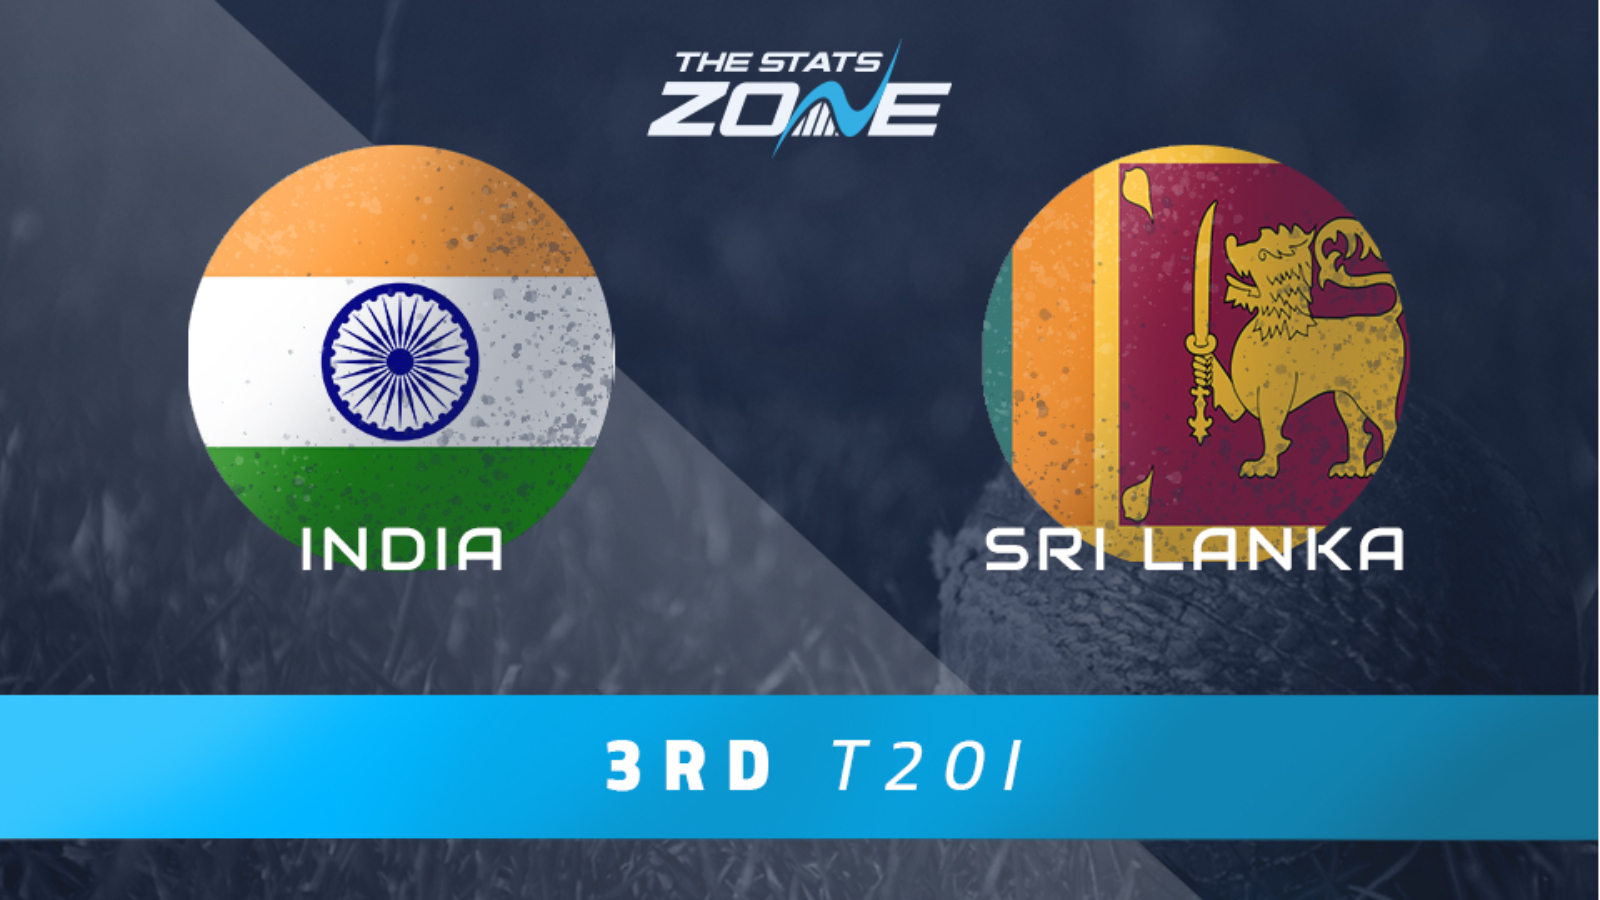 india vs sri lanka - photo #2